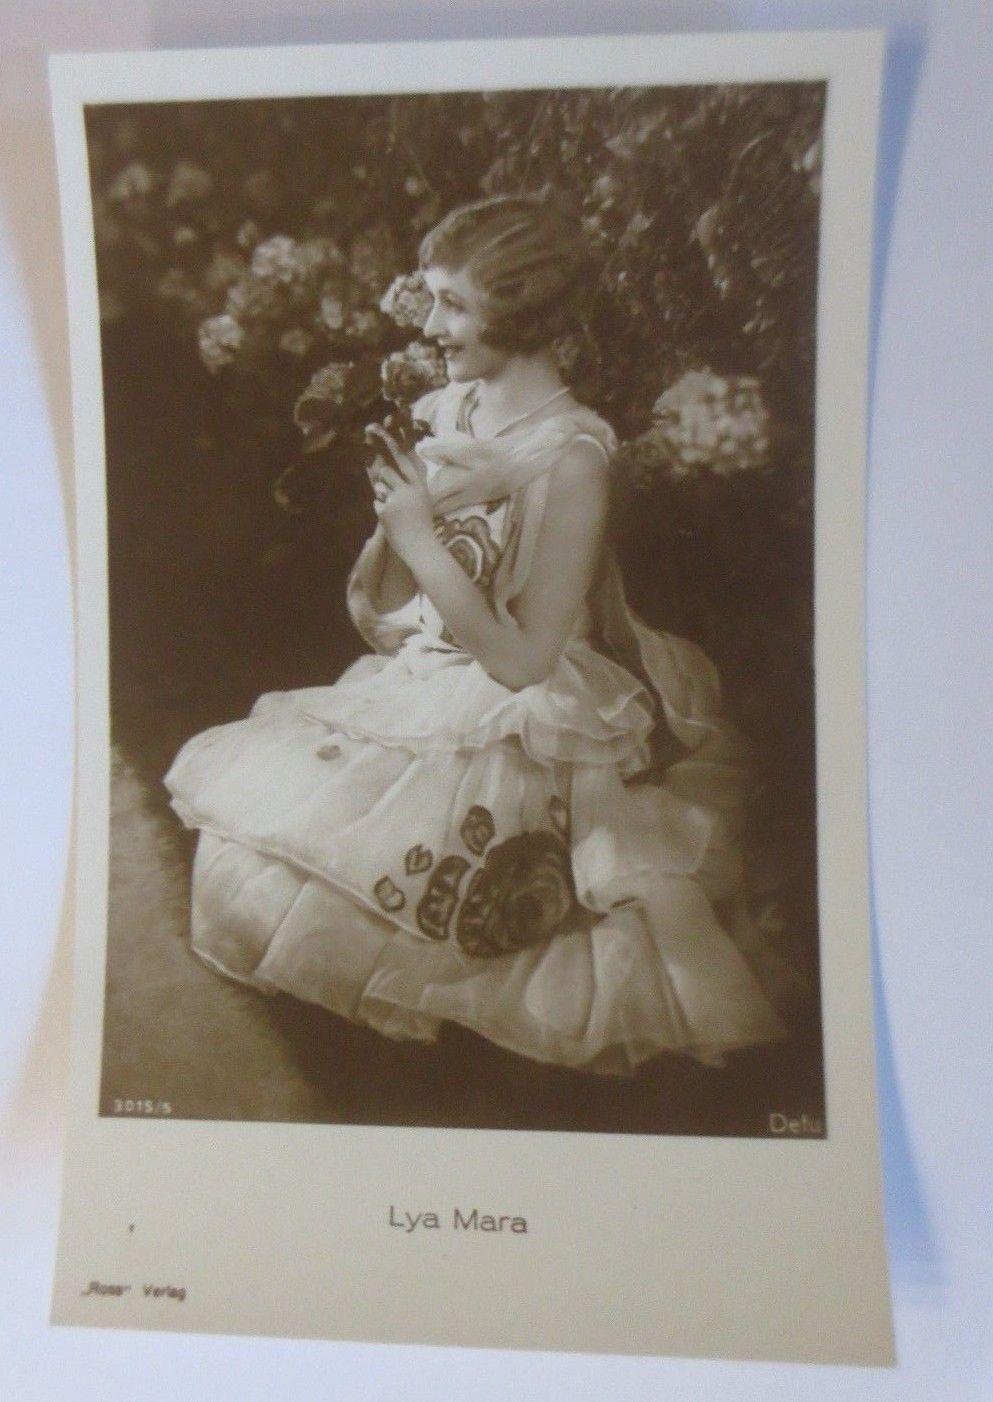 Schauspieler-Lya-Mara-Stummfilm-lettisch-polnischer-Herkunft-1925-64690